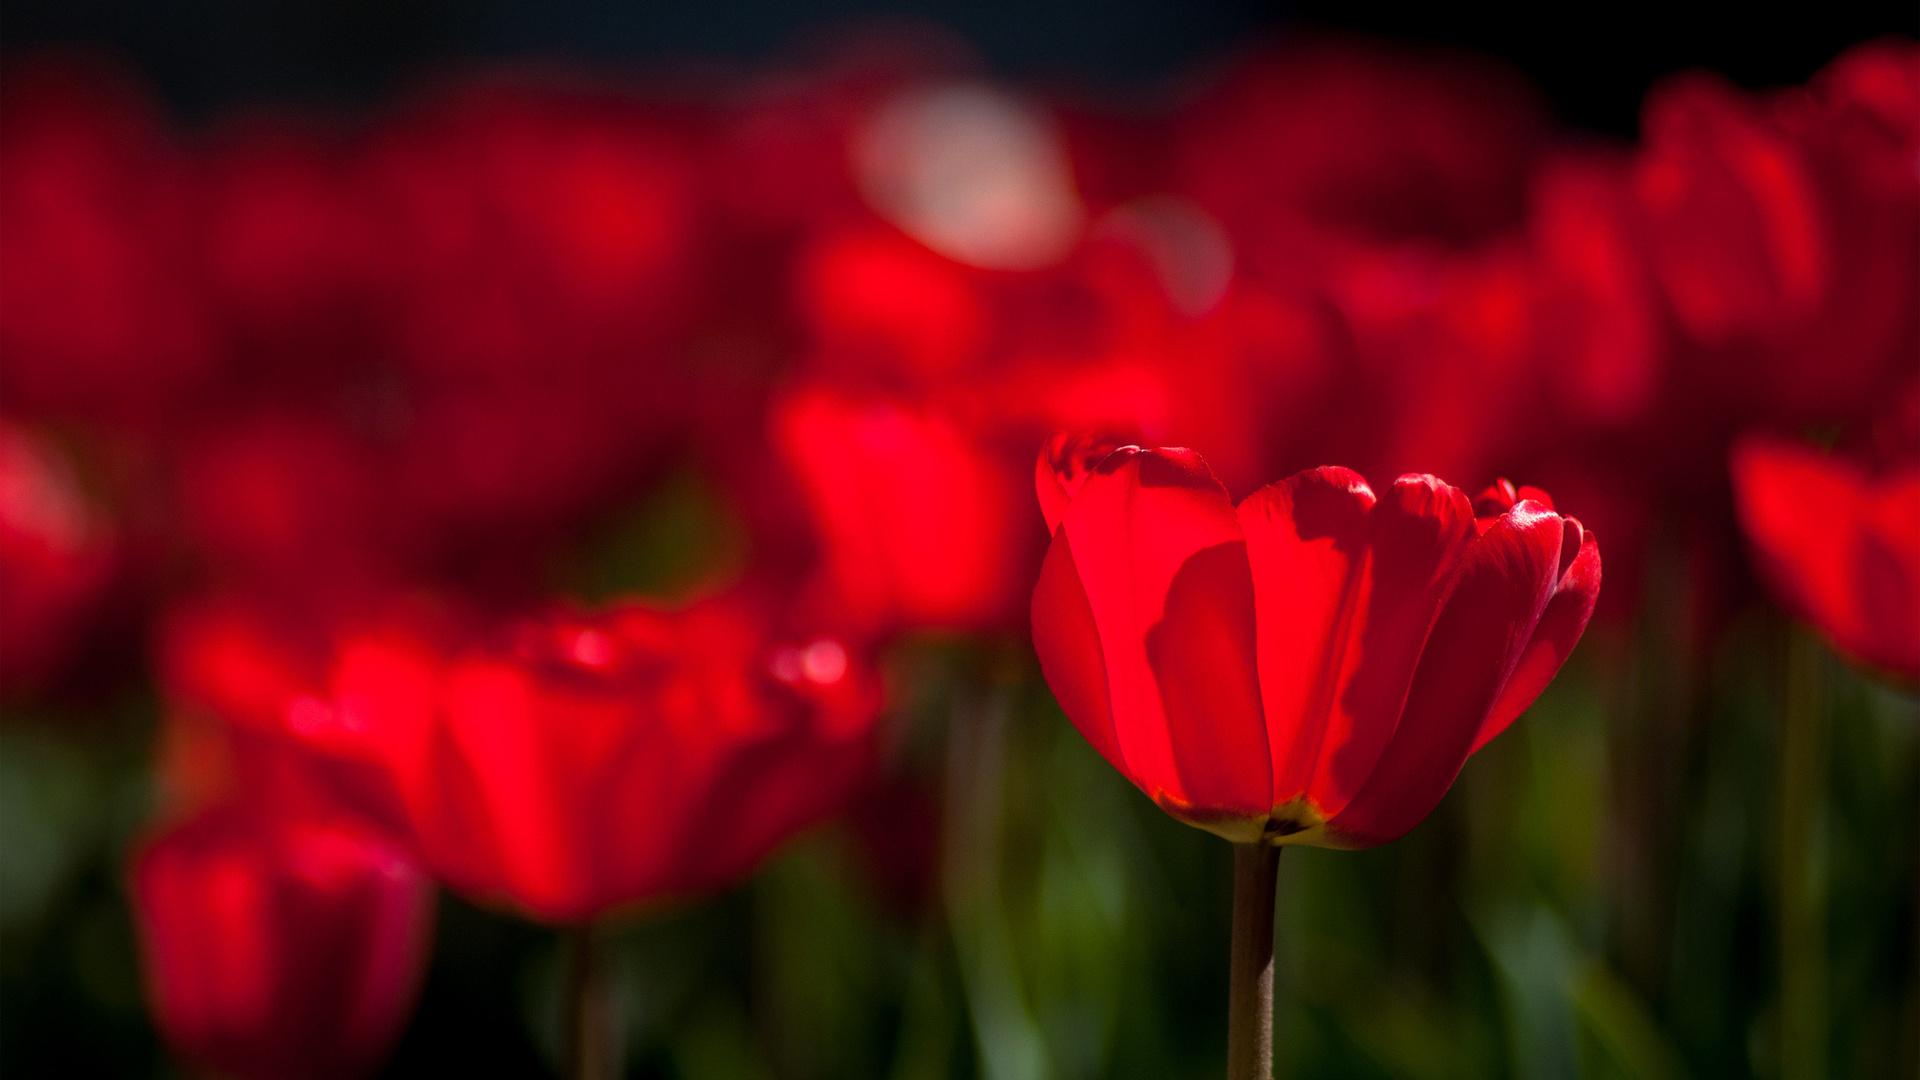 розовые, яркие, весна, Цветы, тюльпаны